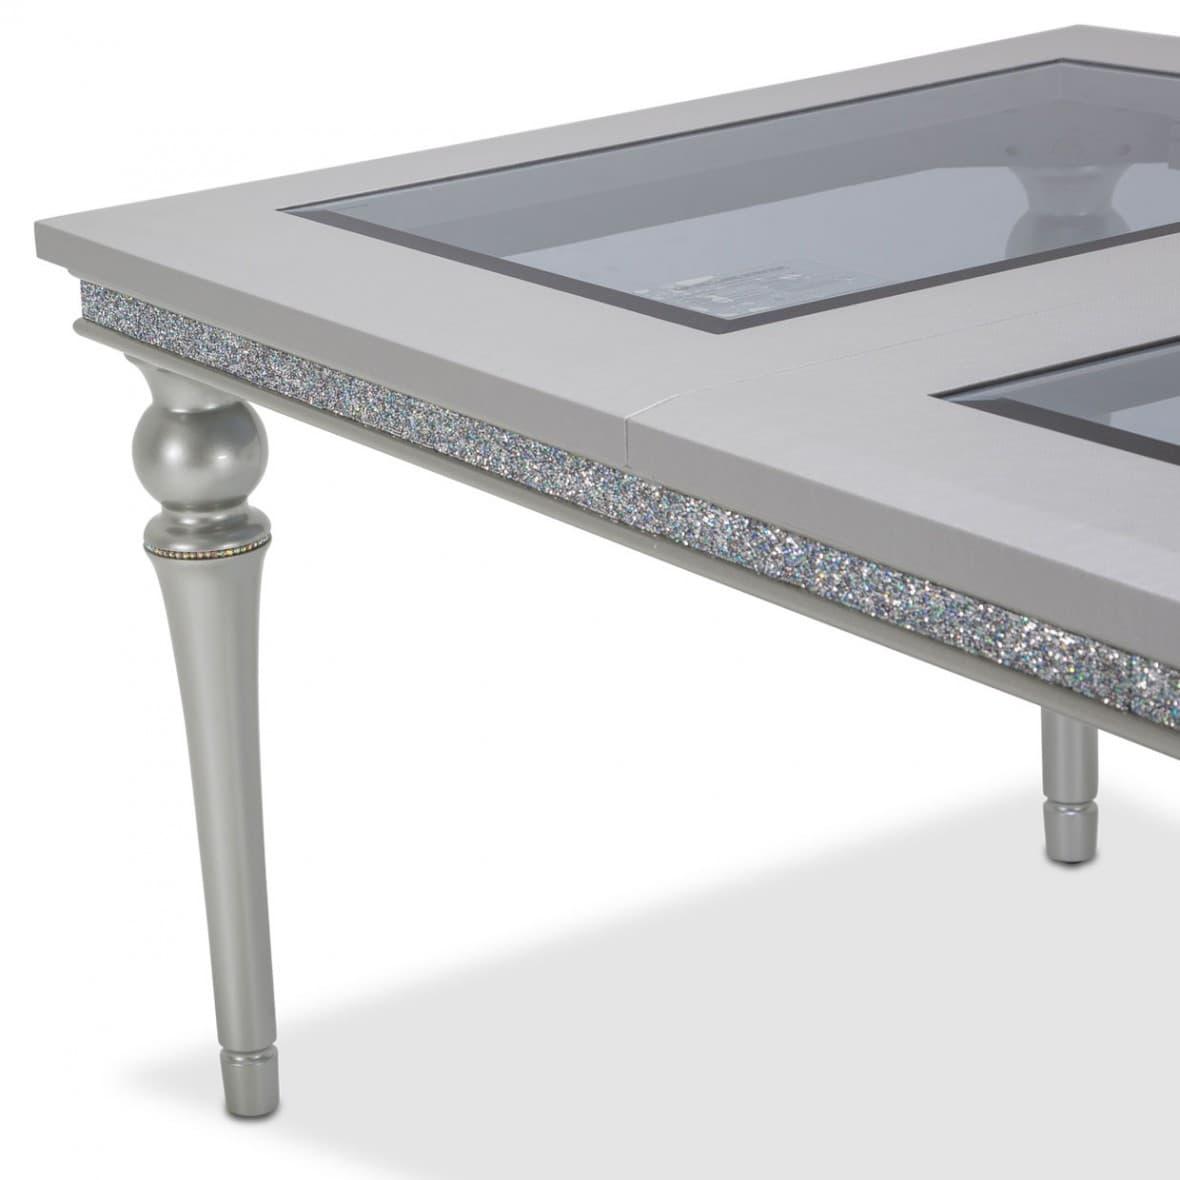 Обеденный стол со стеклянными вставками, длина в разложенном виде 224 см